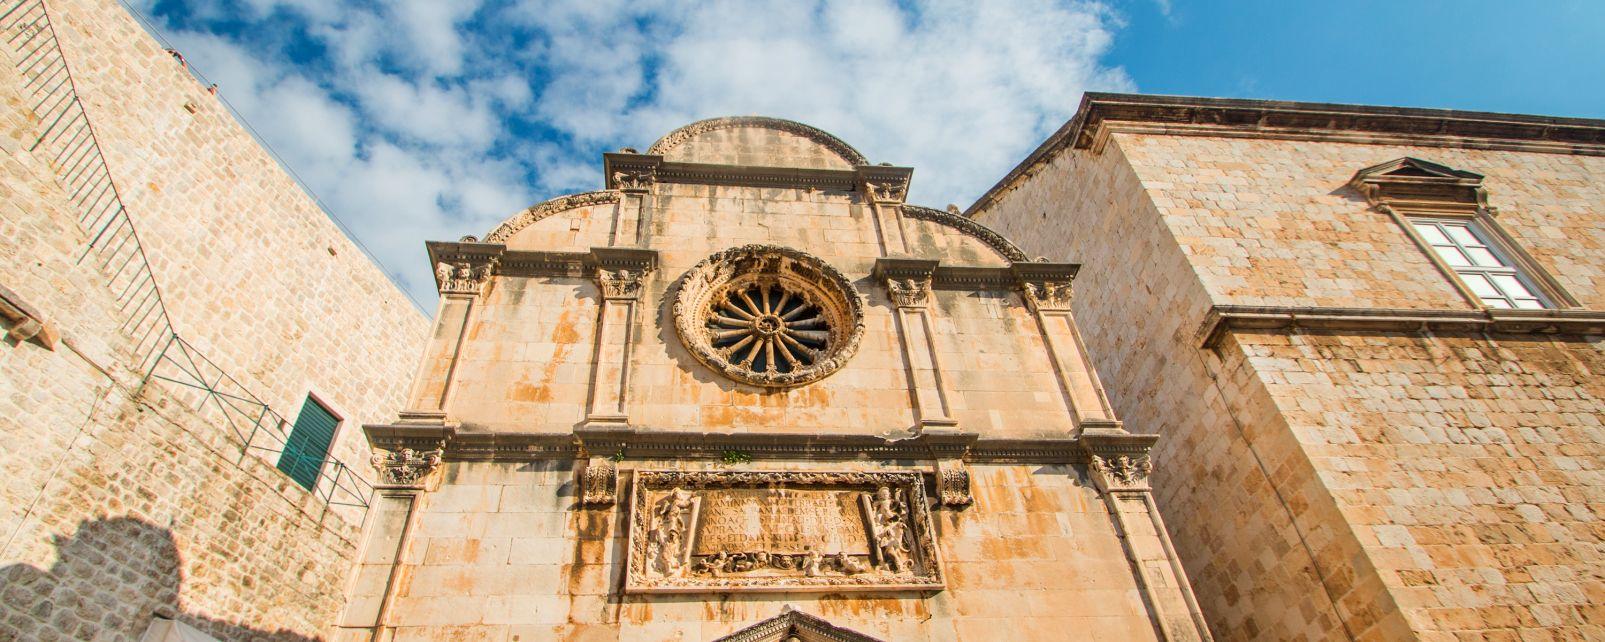 L'église St-Sauveur dans la vieille ville de Dubrovnik., Eglise Saint Sauveur à Dubrovnik, Les monuments, Dubrovnik, Croatie